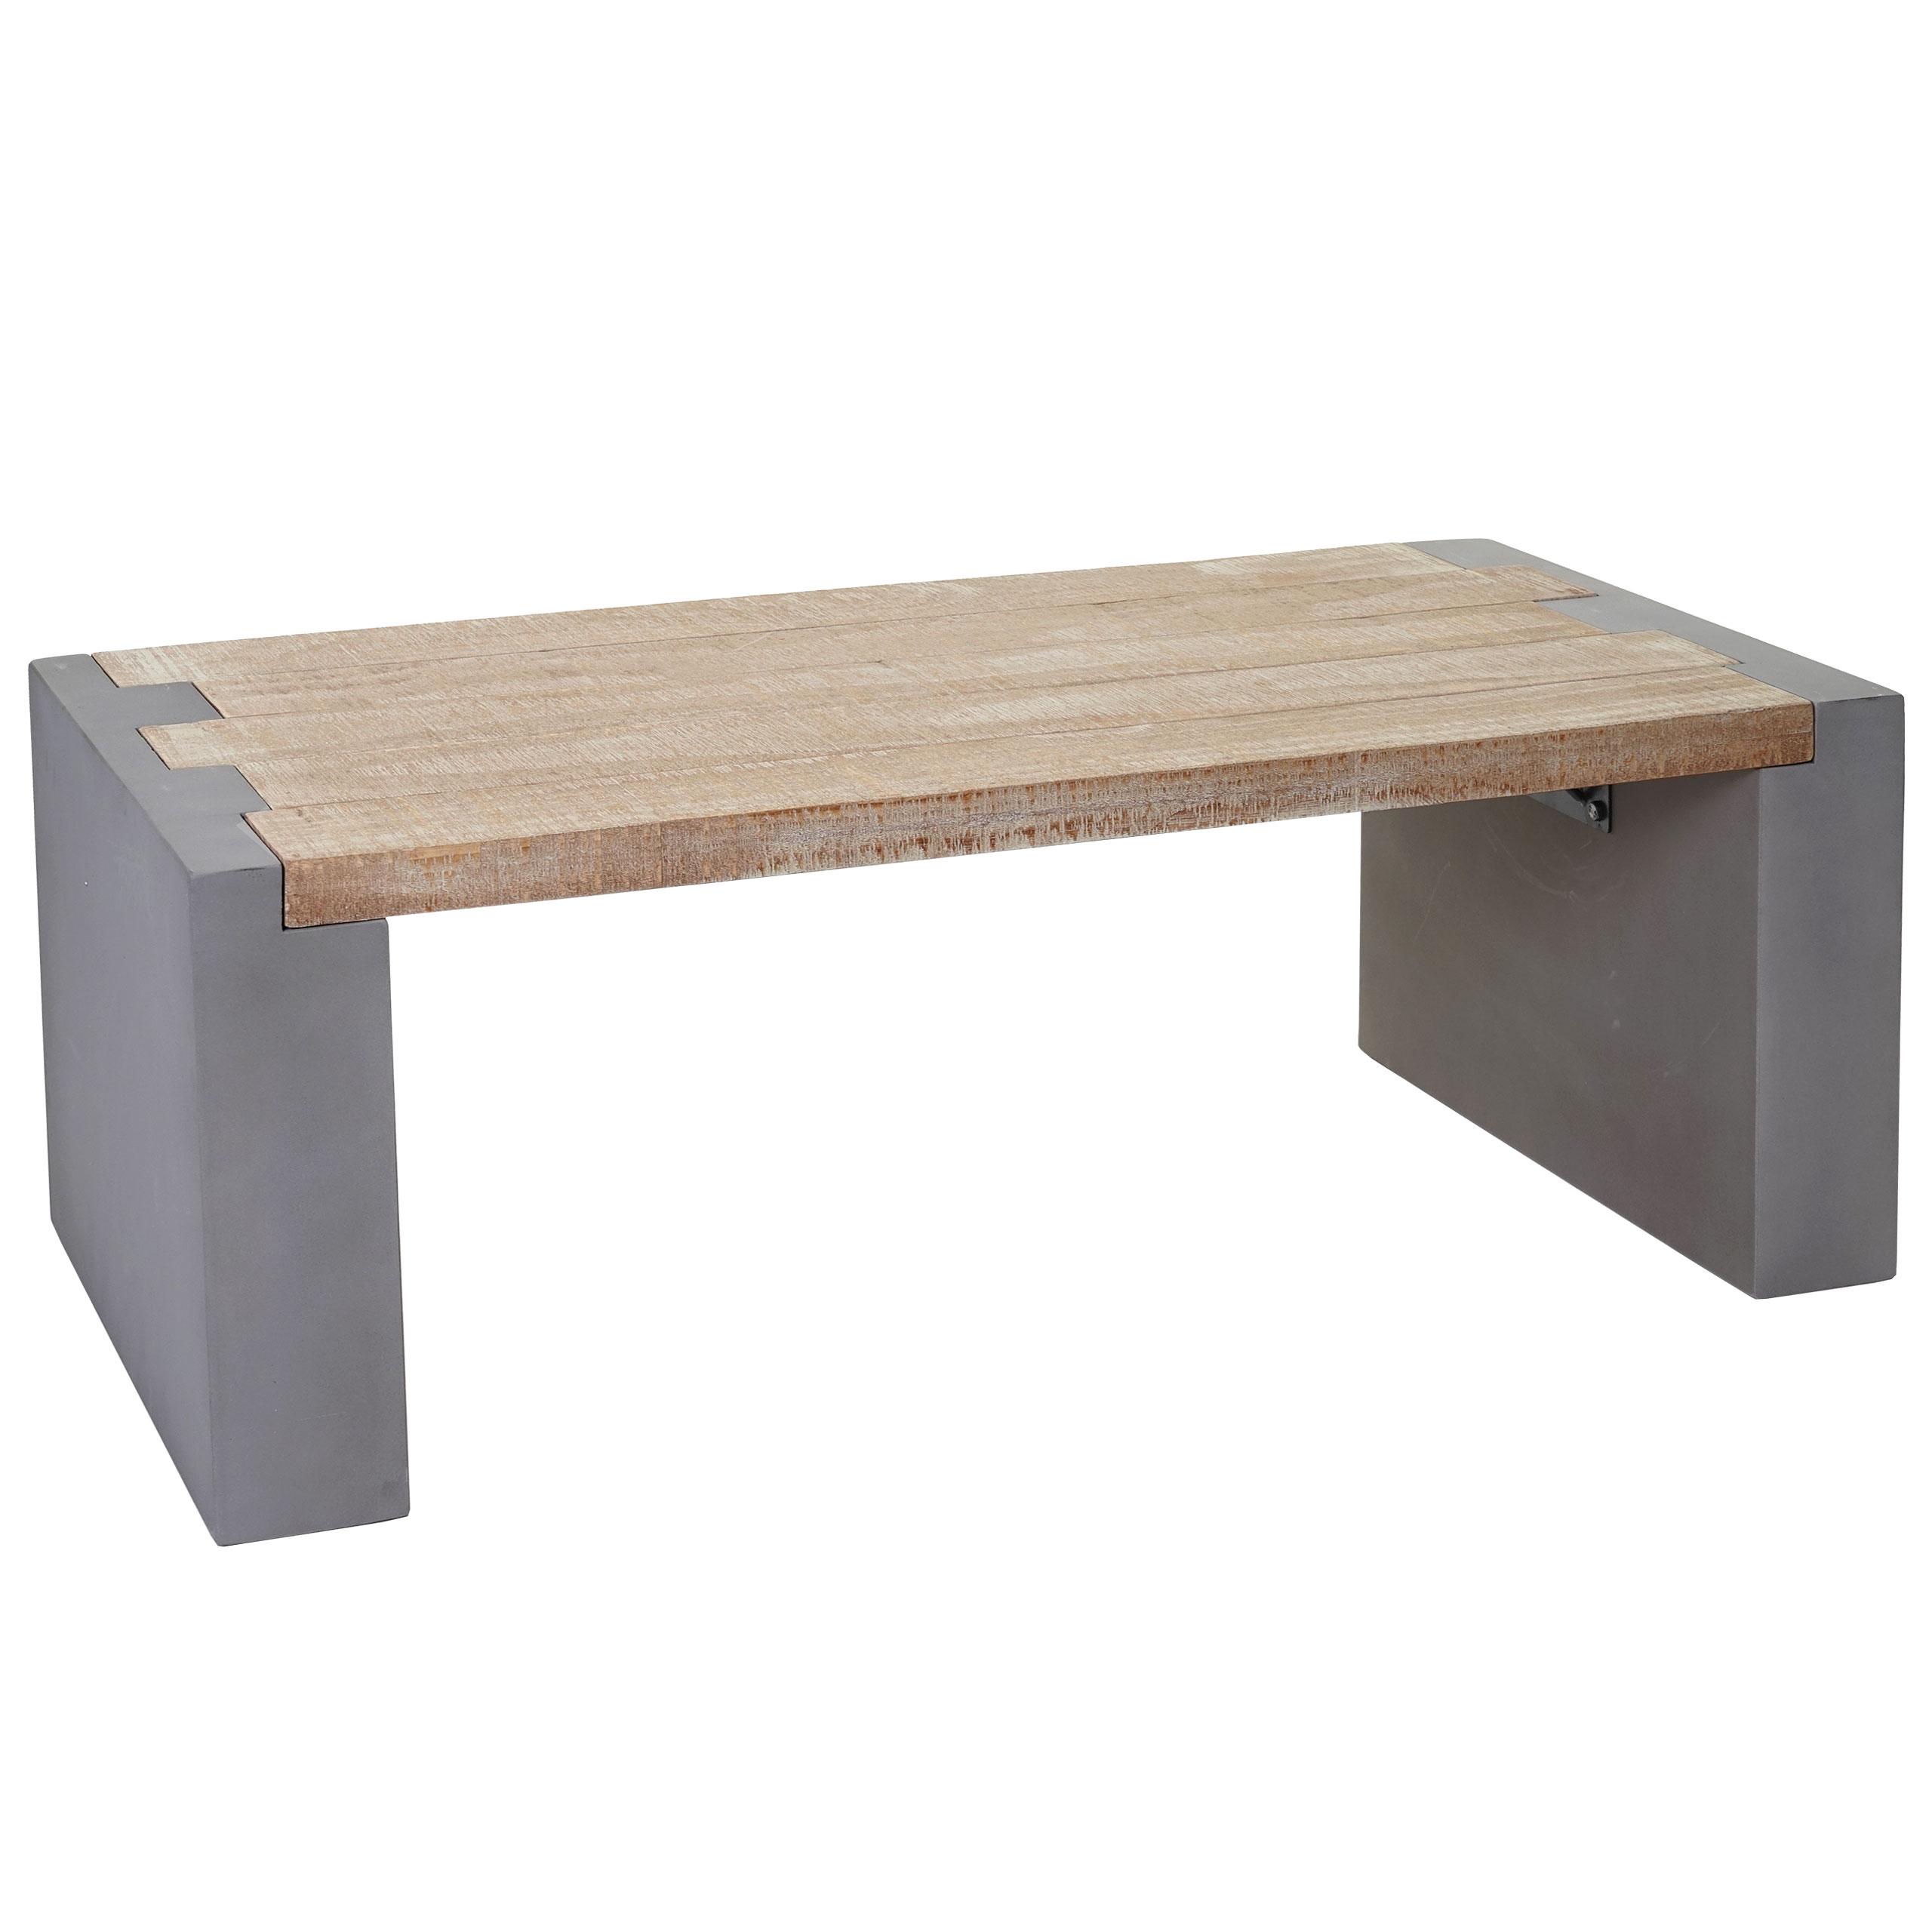 Details zu Couchtisch Wohnzimmertisch Beton-Optik Tanne Holz Tisch  Beistelltisch 56905